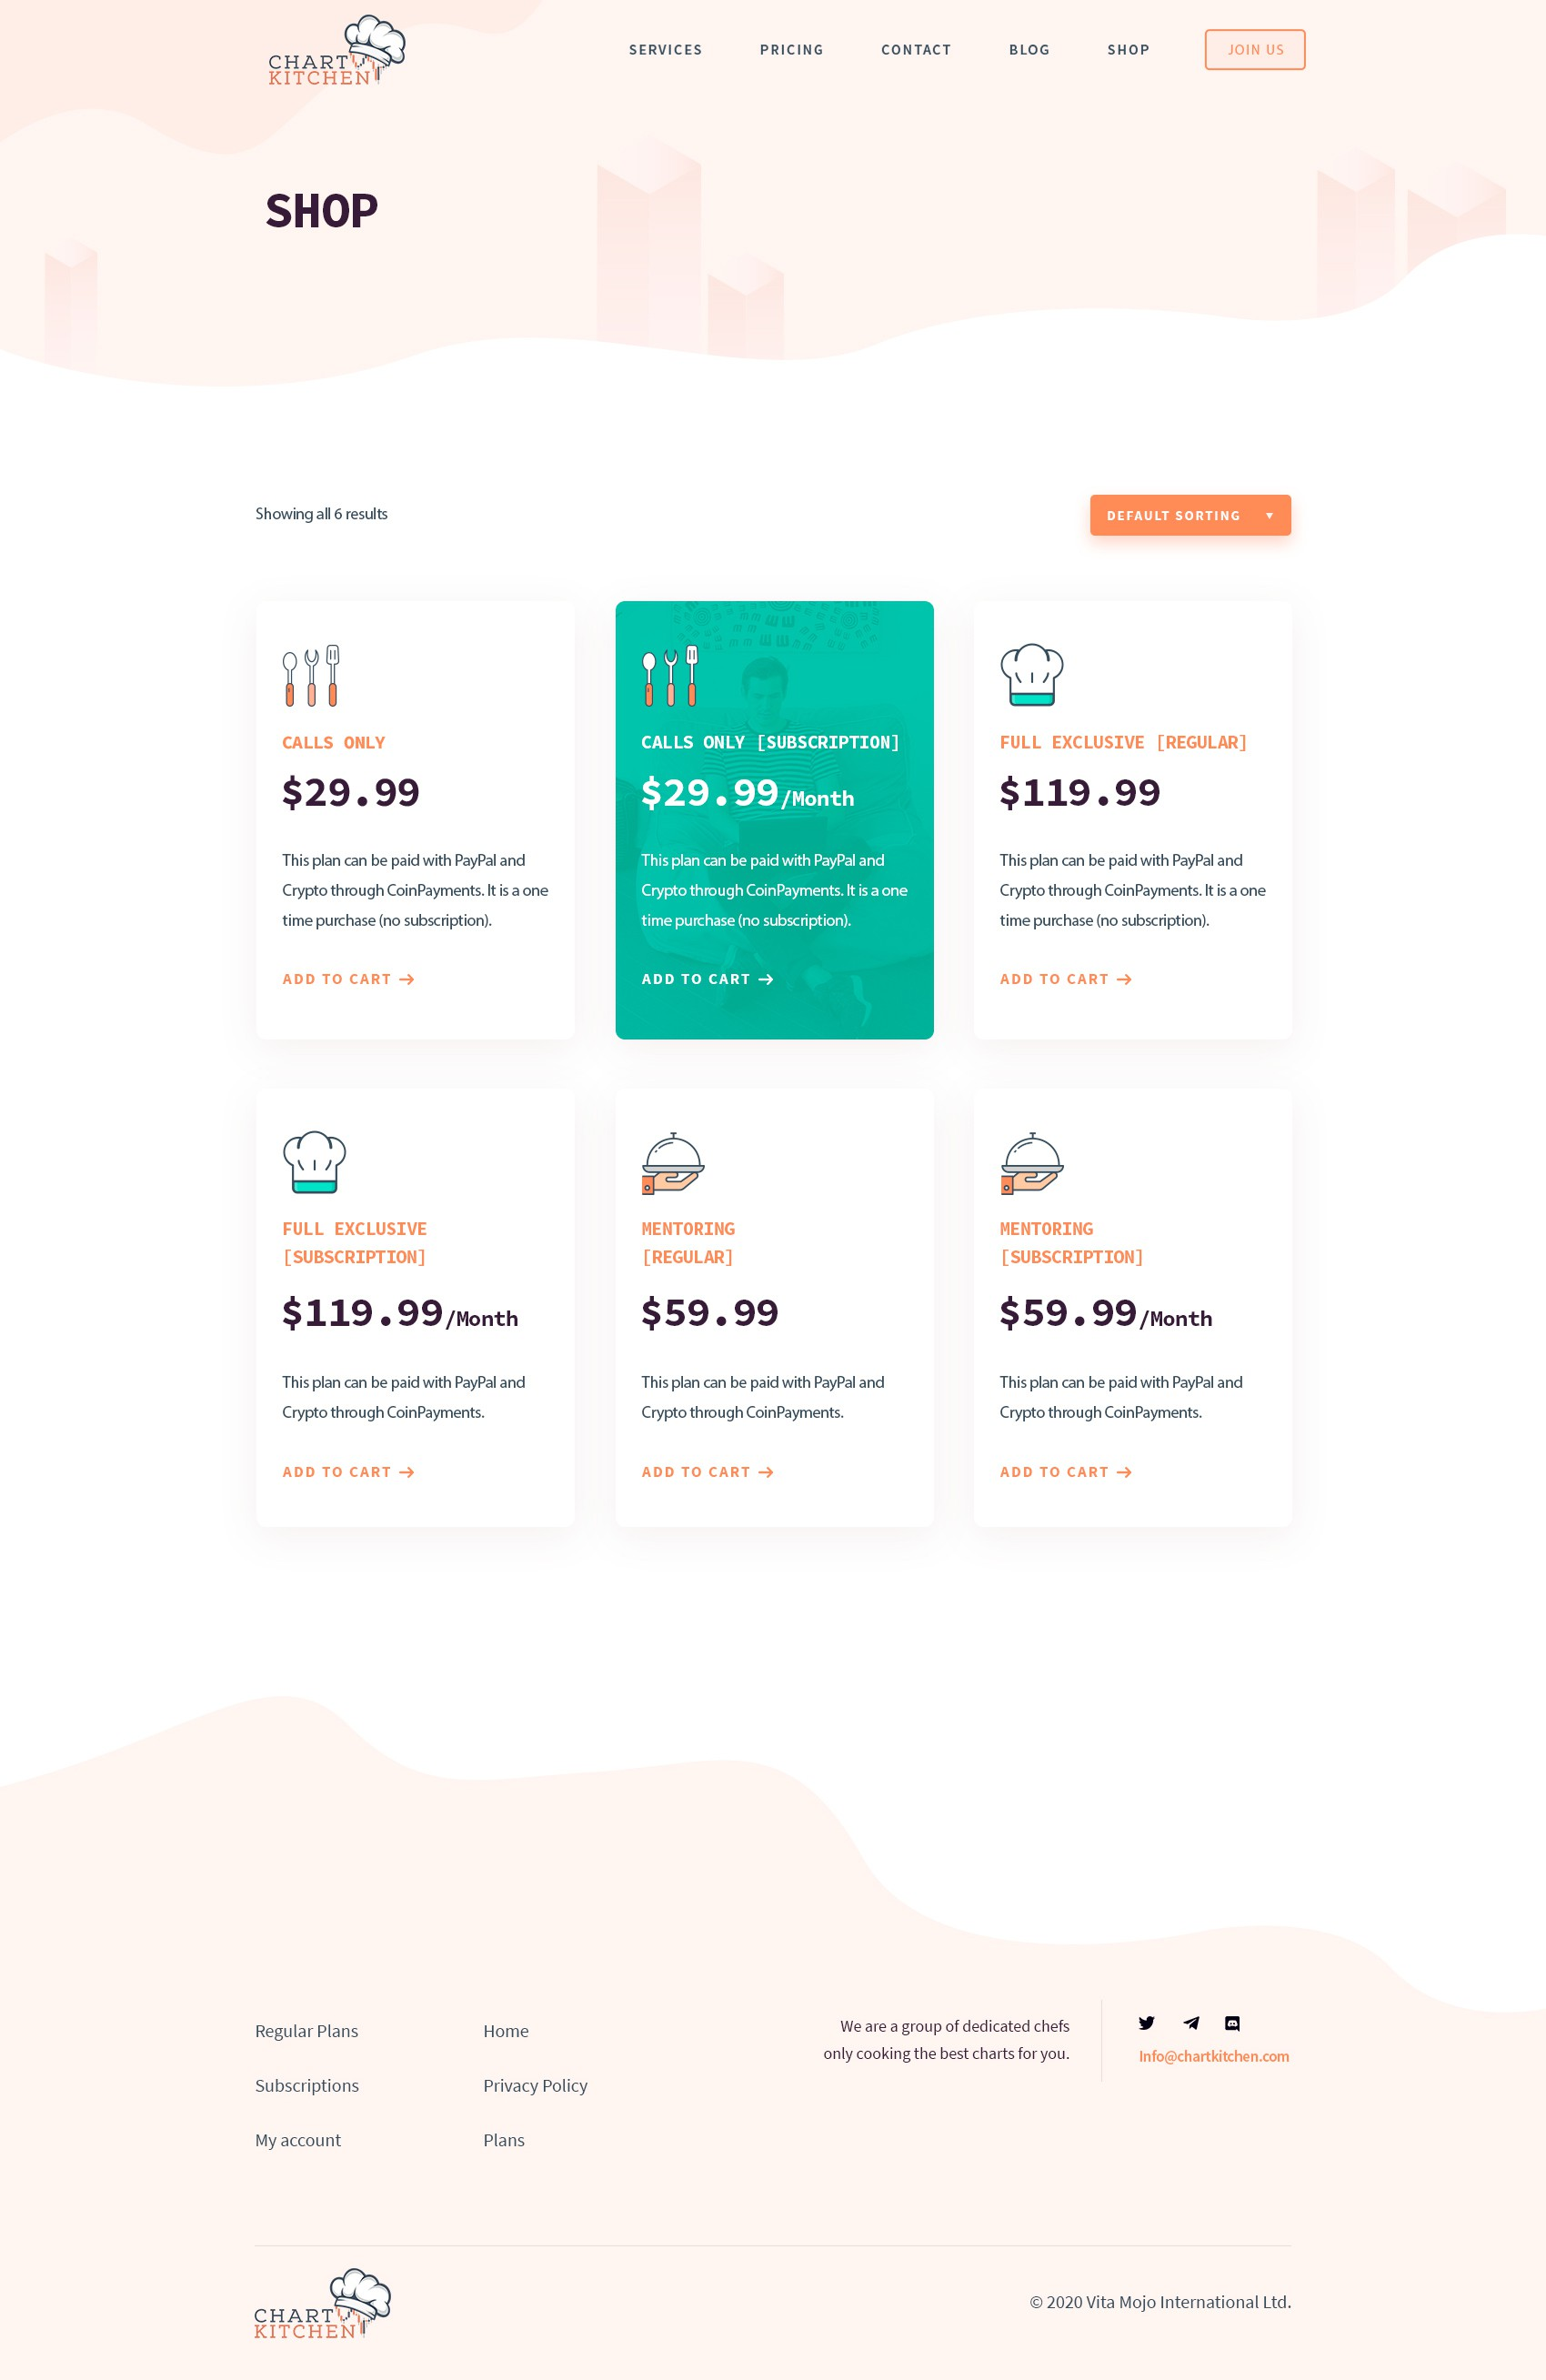 ChartKitchen Website Redesign